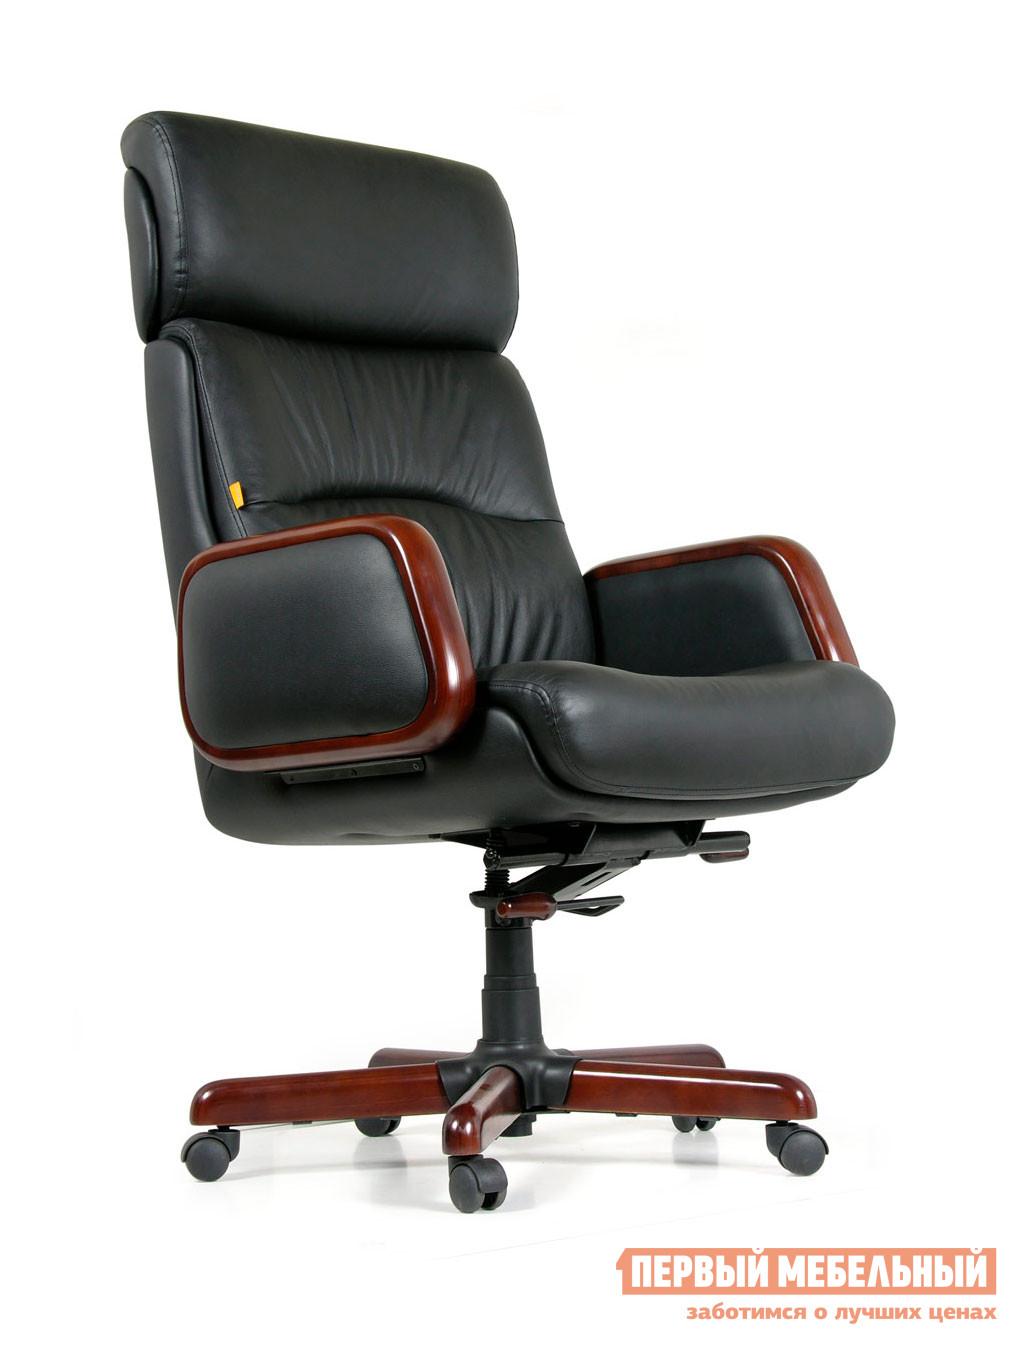 Кресло руководителя Тайпит CH 417 кресло руководителя тайпит fuga